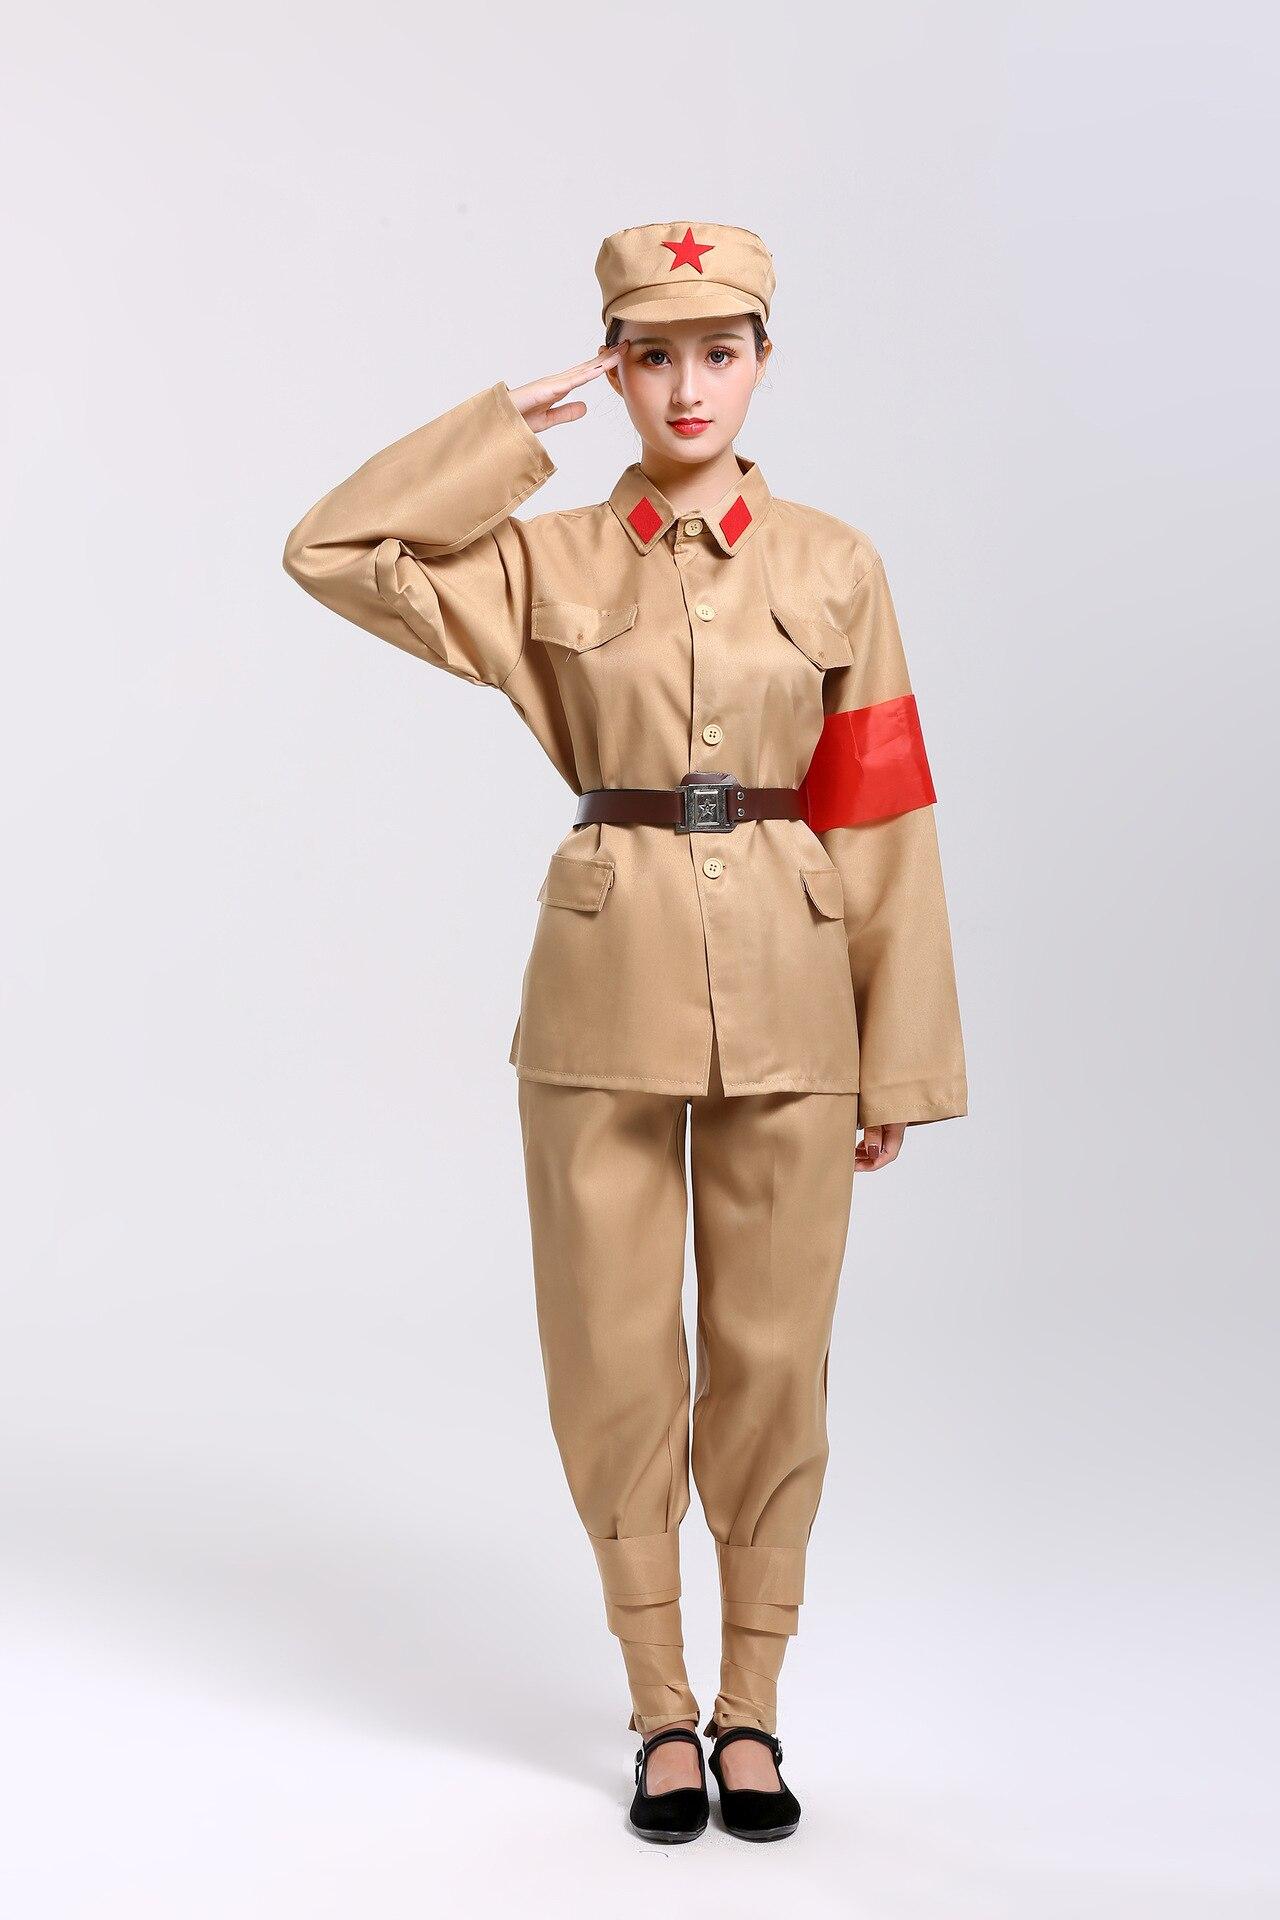 Детские тактические военные куртки, штаны, военная форма для девочек и мальчиков, охотничьи армейские танцевальные костюмы для женщин, Tatico, детская одежда для косплея, комплект - Цвет: 4